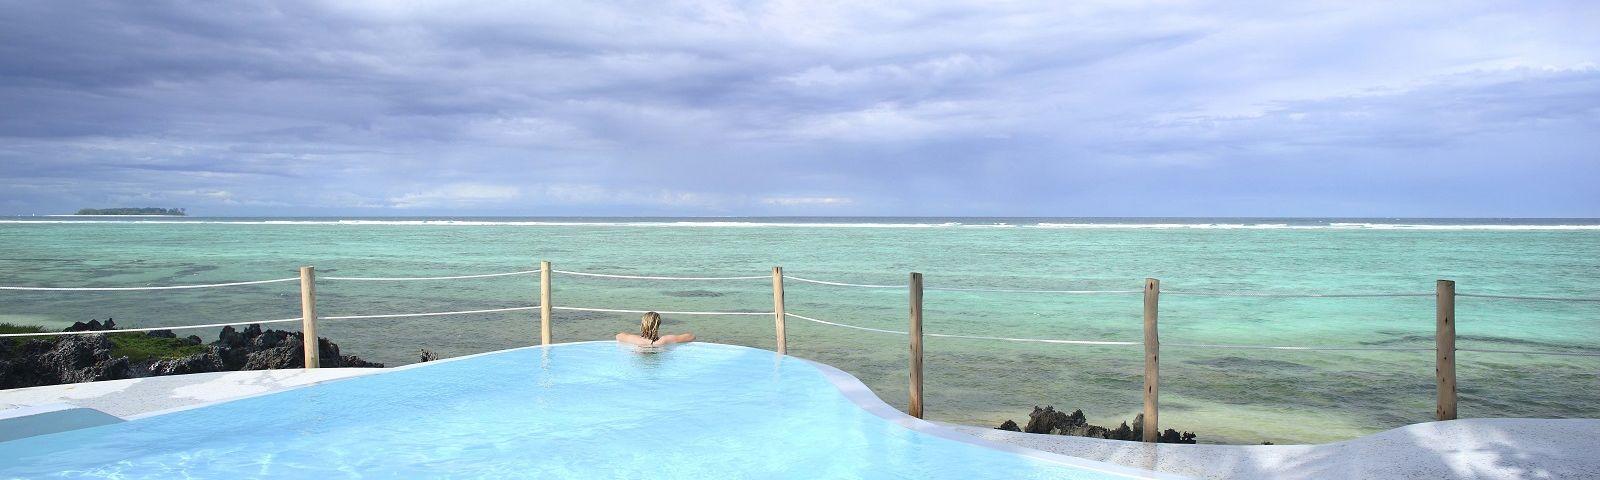 Best Time to Visit Zanzibar - Enchanting Travels Tanzania Tours Zanzibar Hotels matemwe-lodge-pool